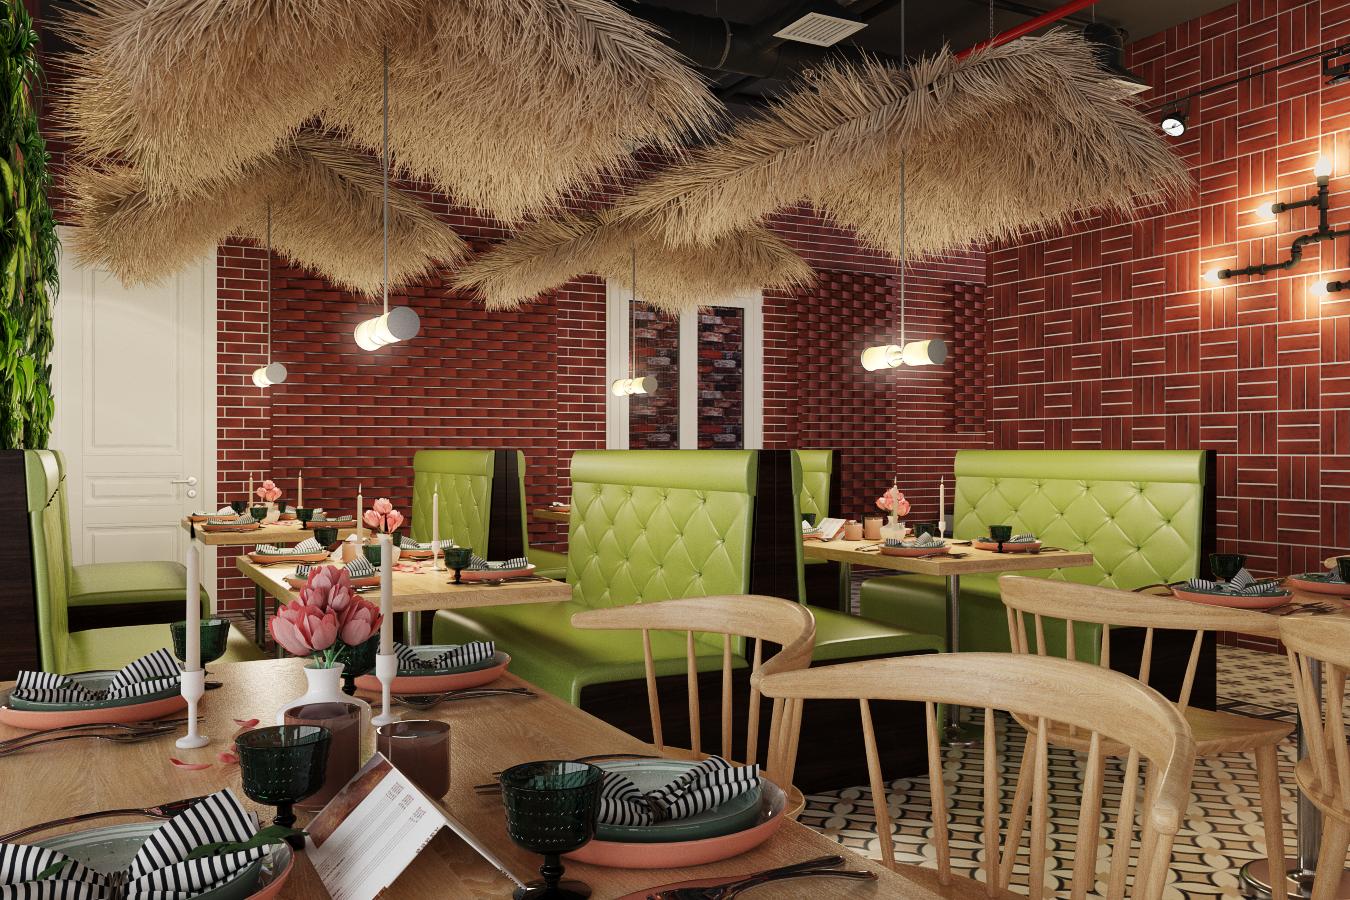 thiết kế nội thất Nhà Hàng tại Hà Nội Nhà hàng - Massage 7 1550809522